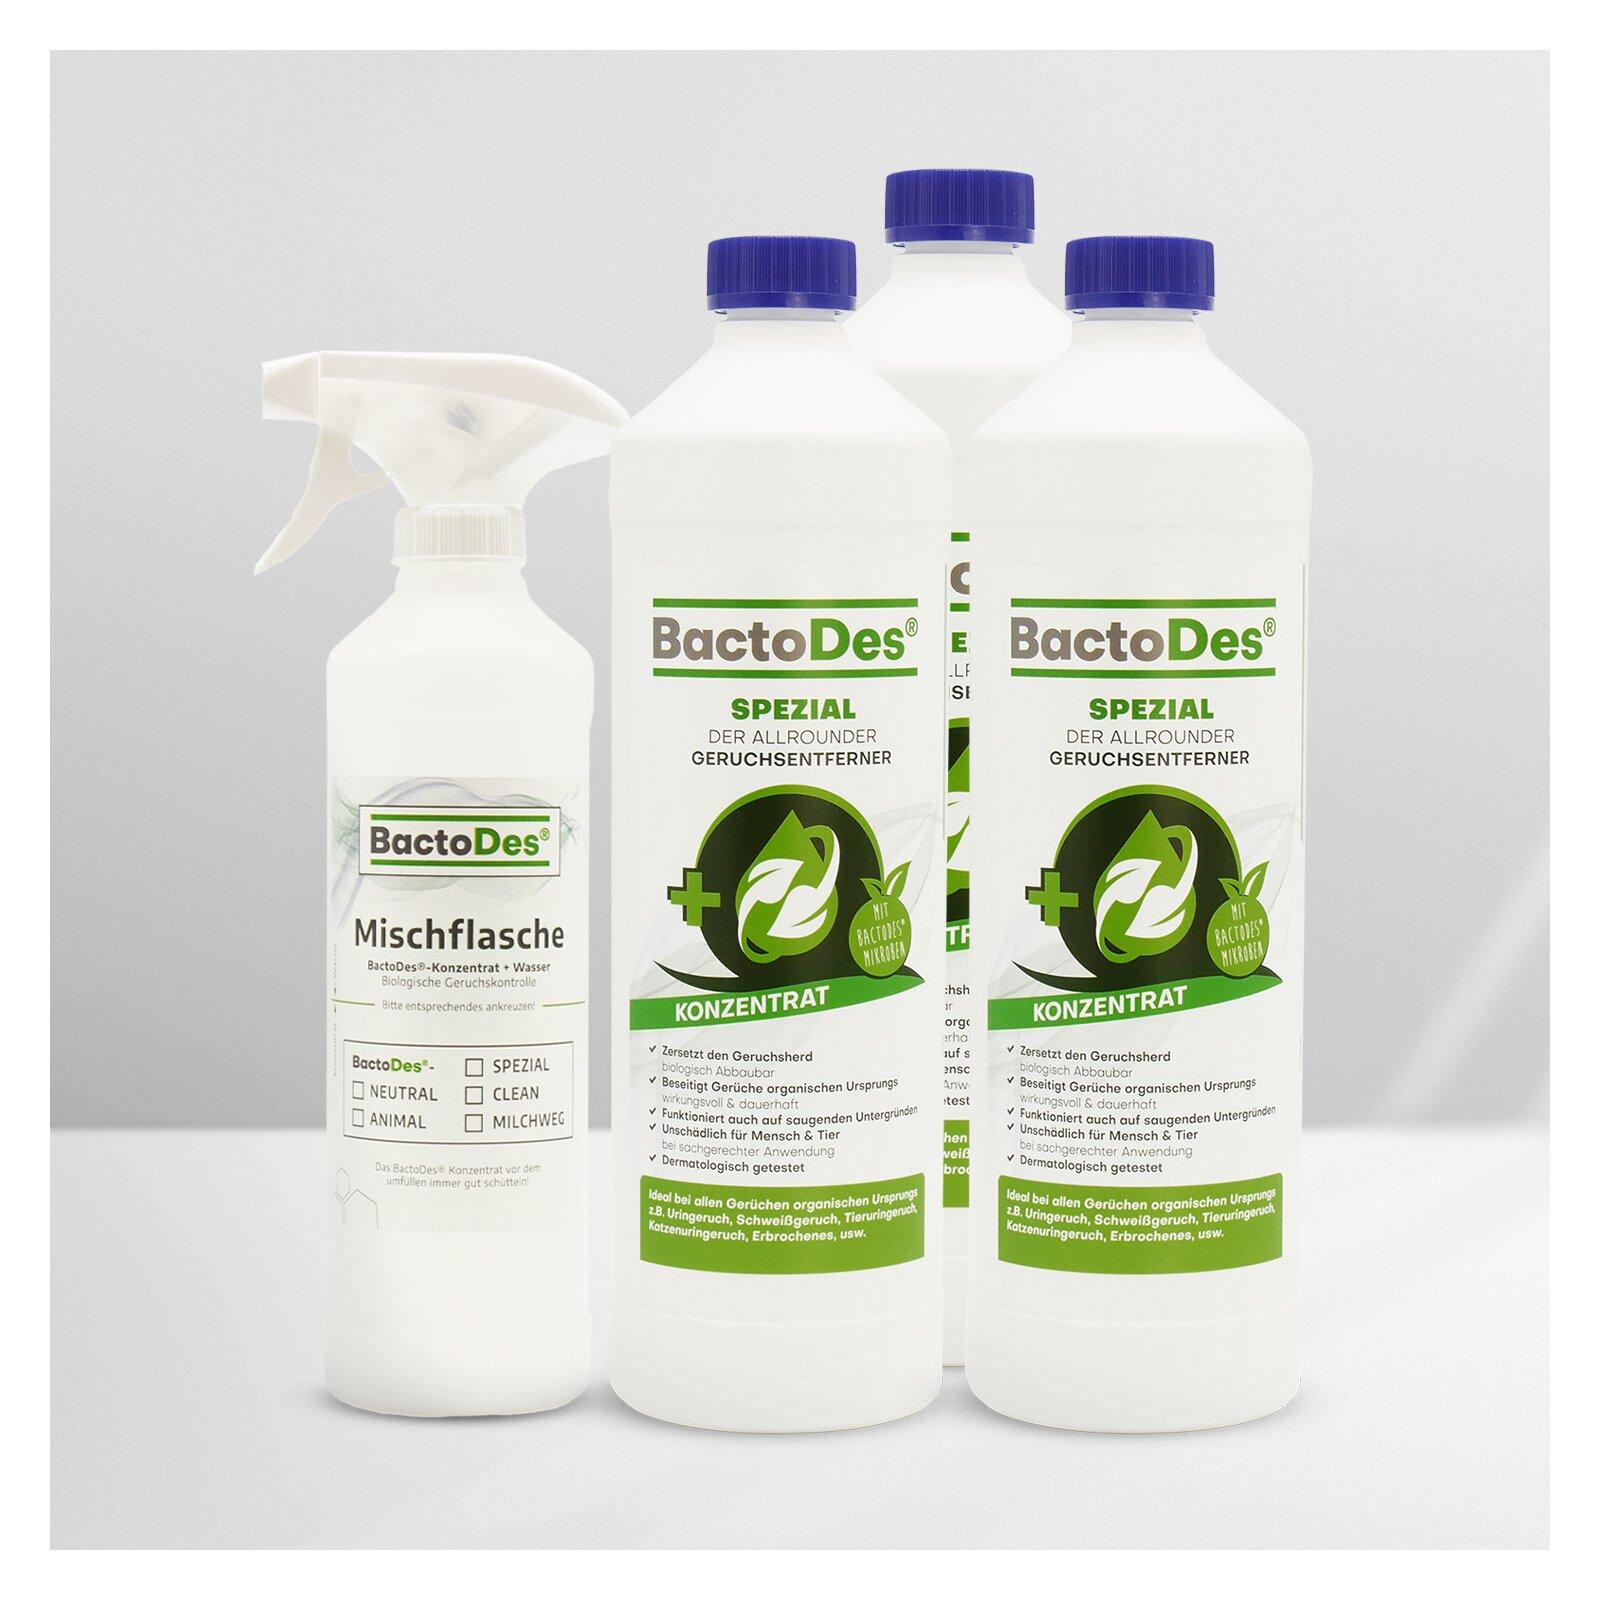 BactoDesSpezial Geruchskiller 3x1LiterSet incl1 MischUnd Sprühflasche